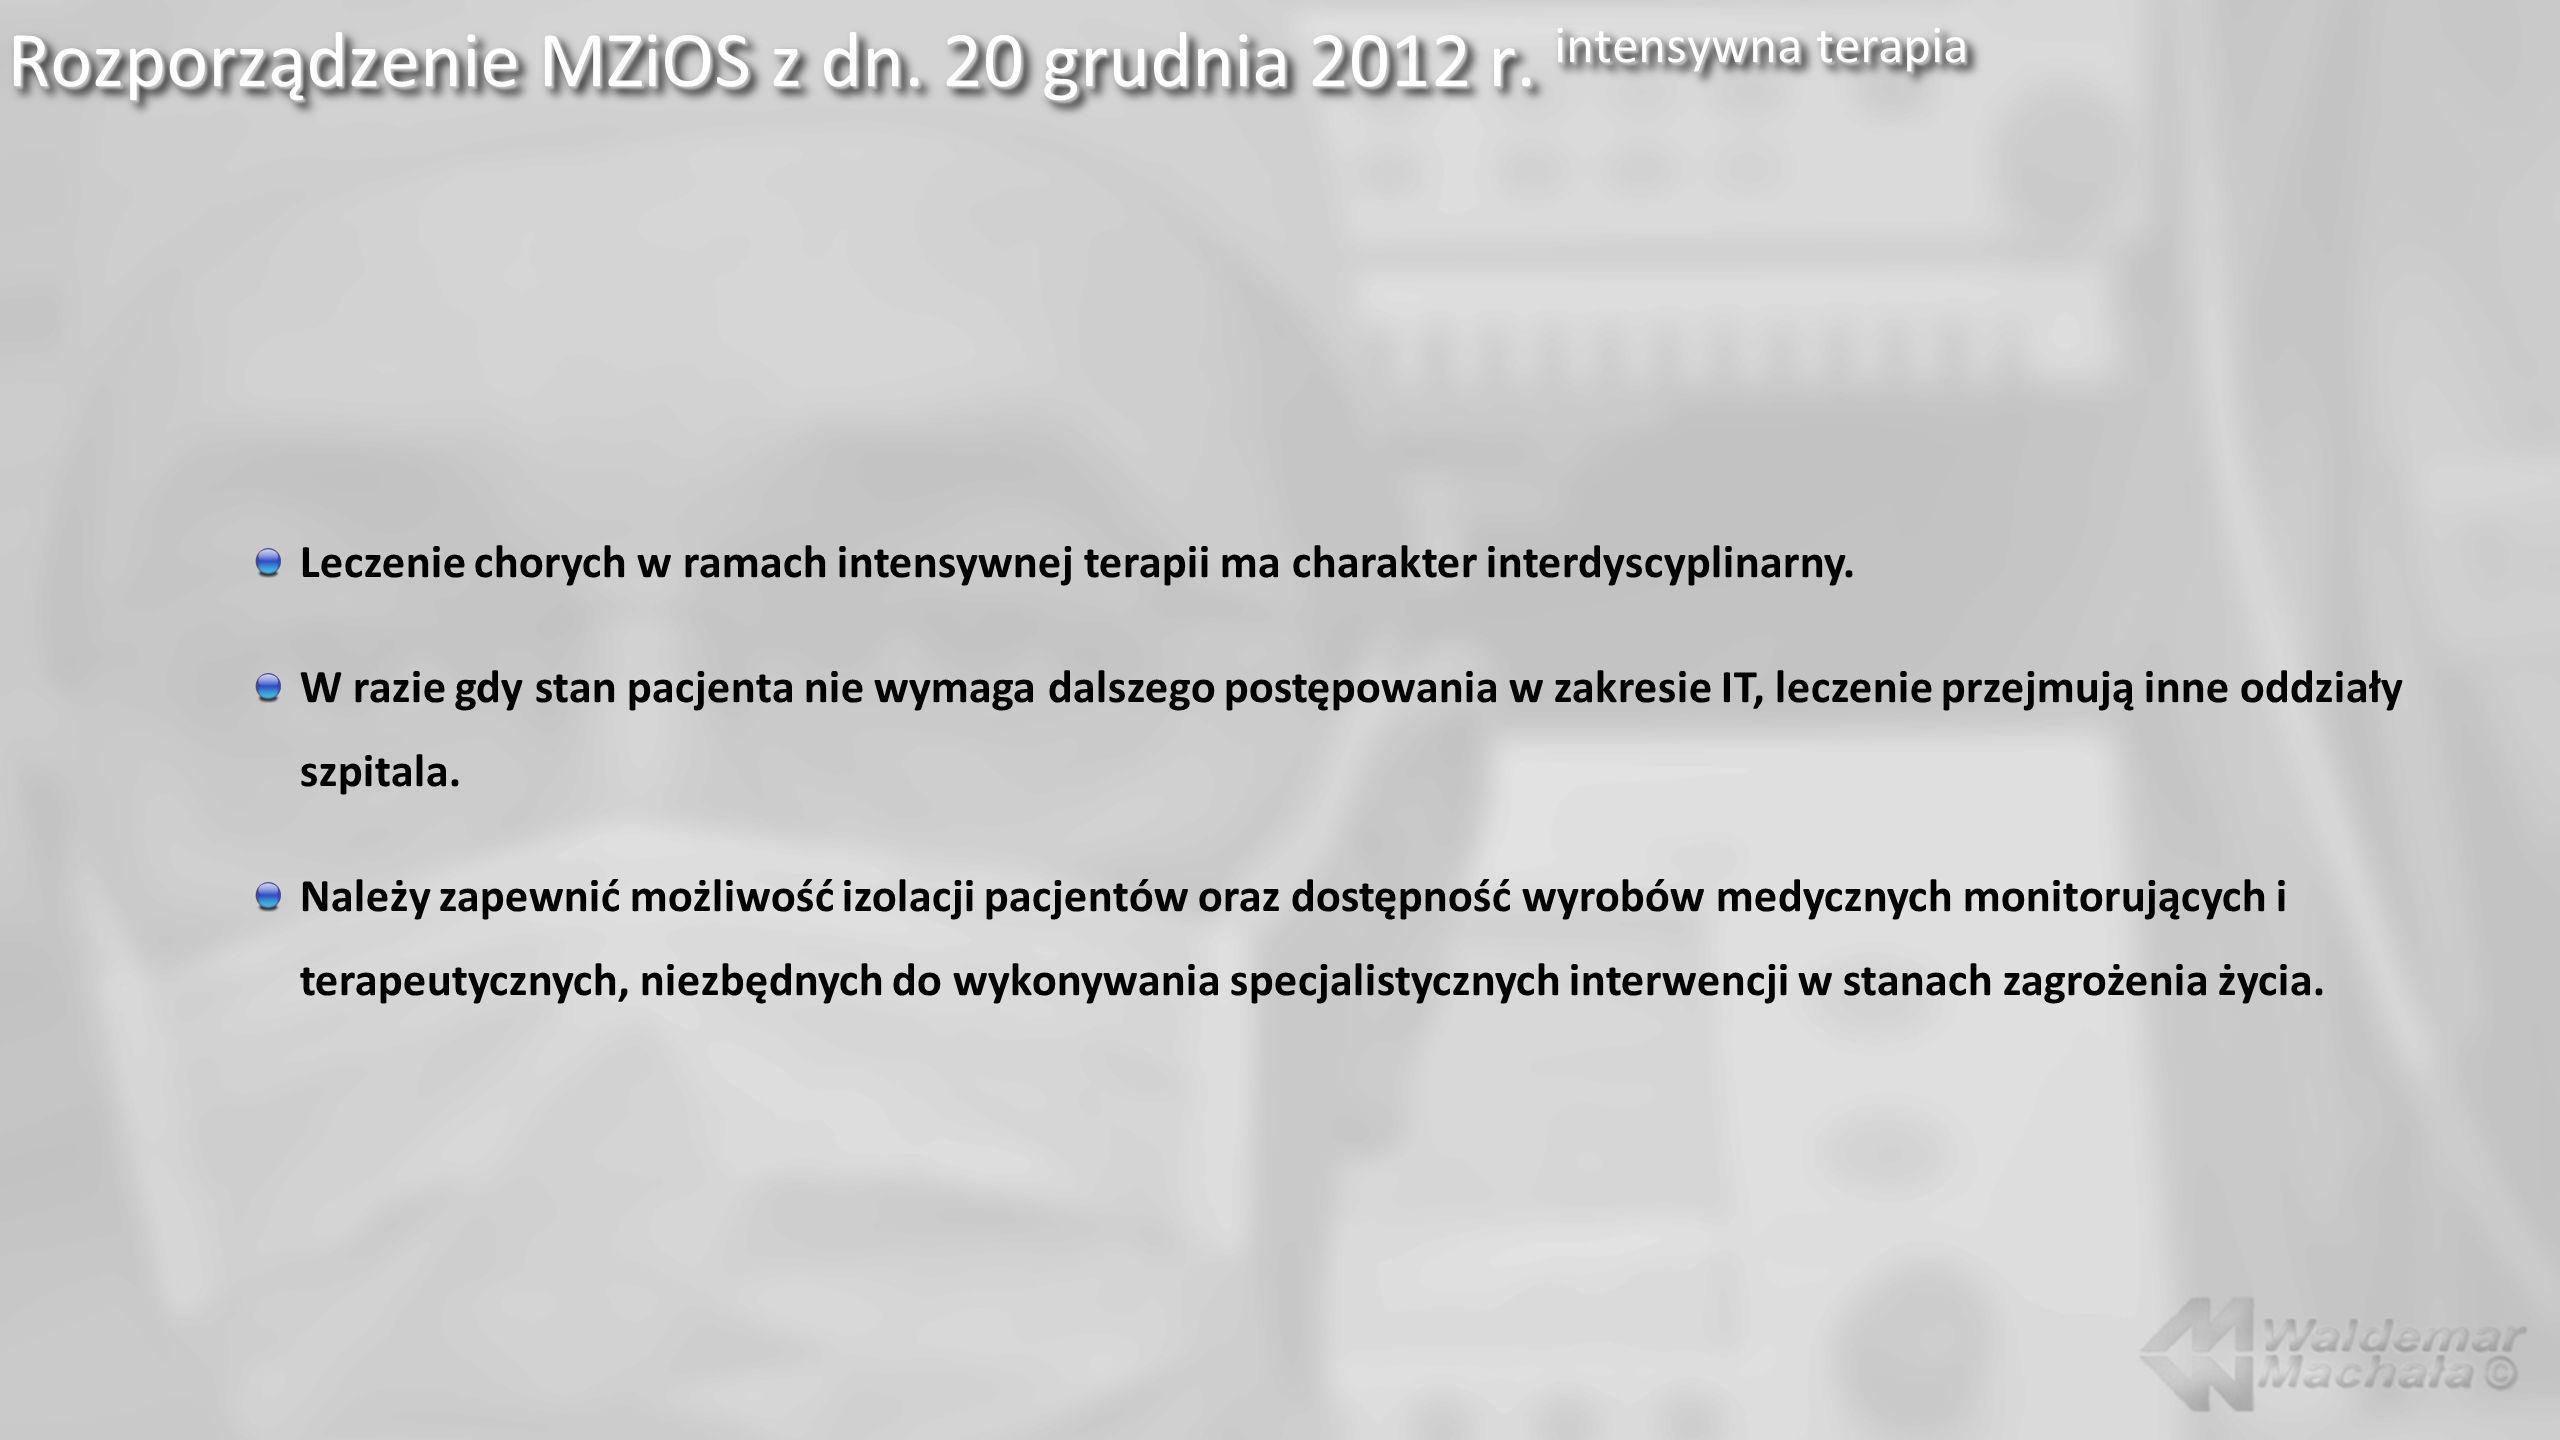 Rozporządzenie MZiOS z dn. 20 grudnia 2012 r. intensywna terapia Leczenie chorych w ramach intensywnej terapii ma charakter interdyscyplinarny. W razi